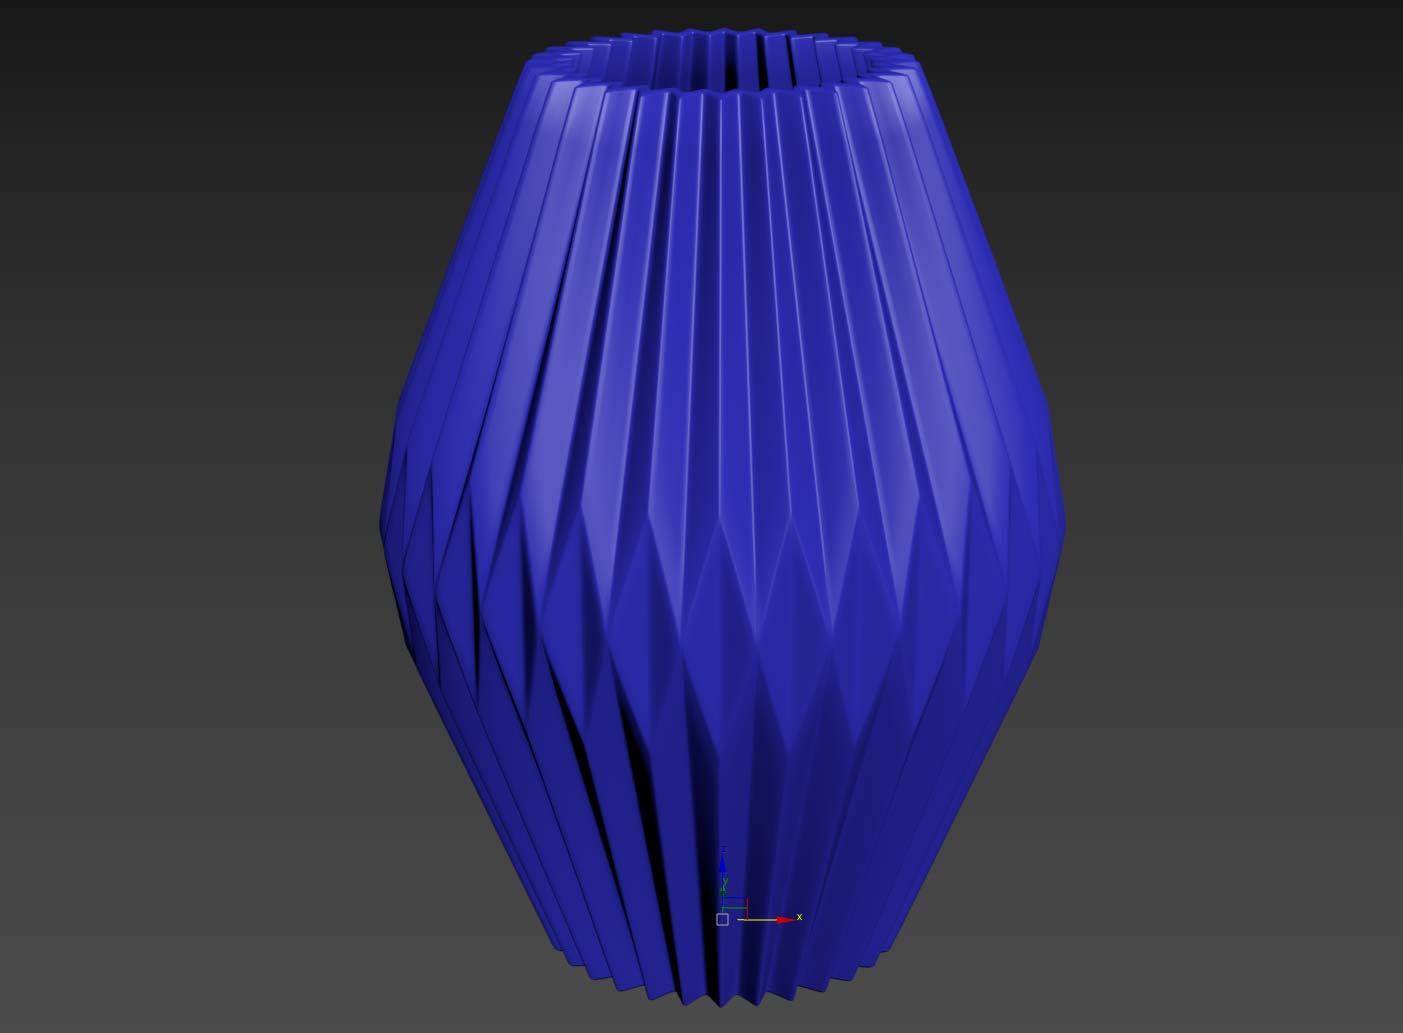 Vase_004.jpg